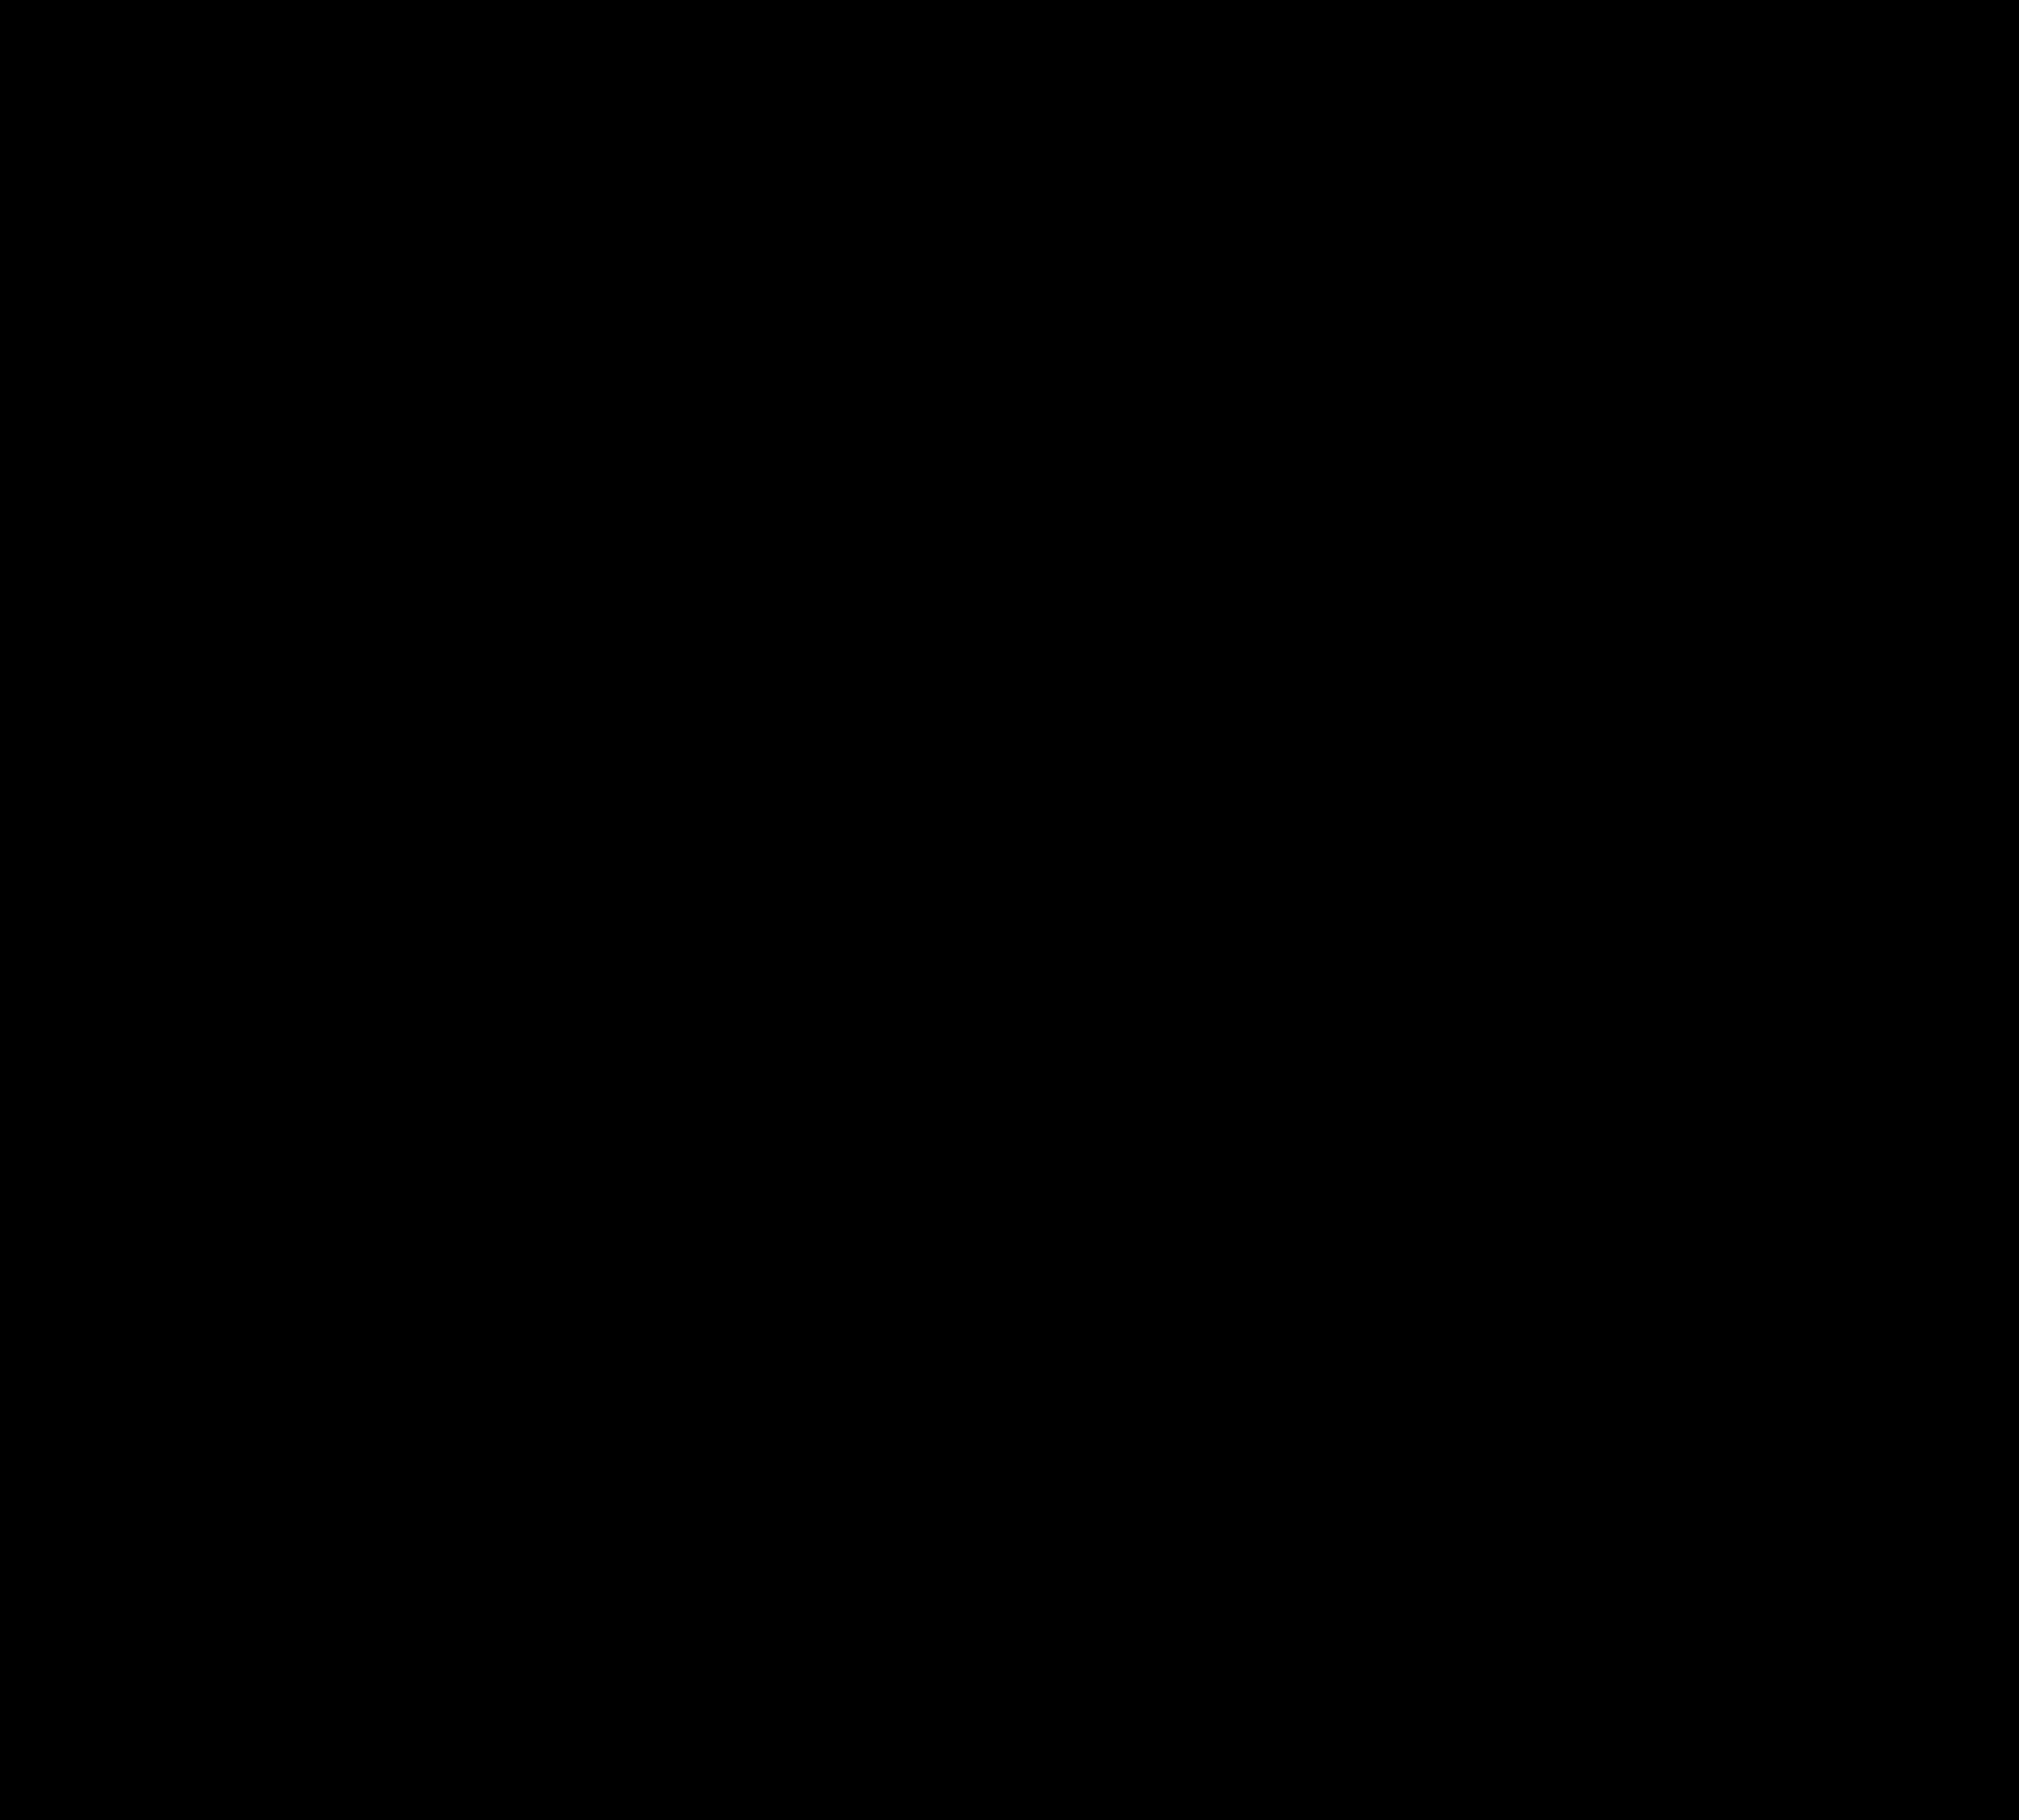 pot-plant-silhouette-4.png